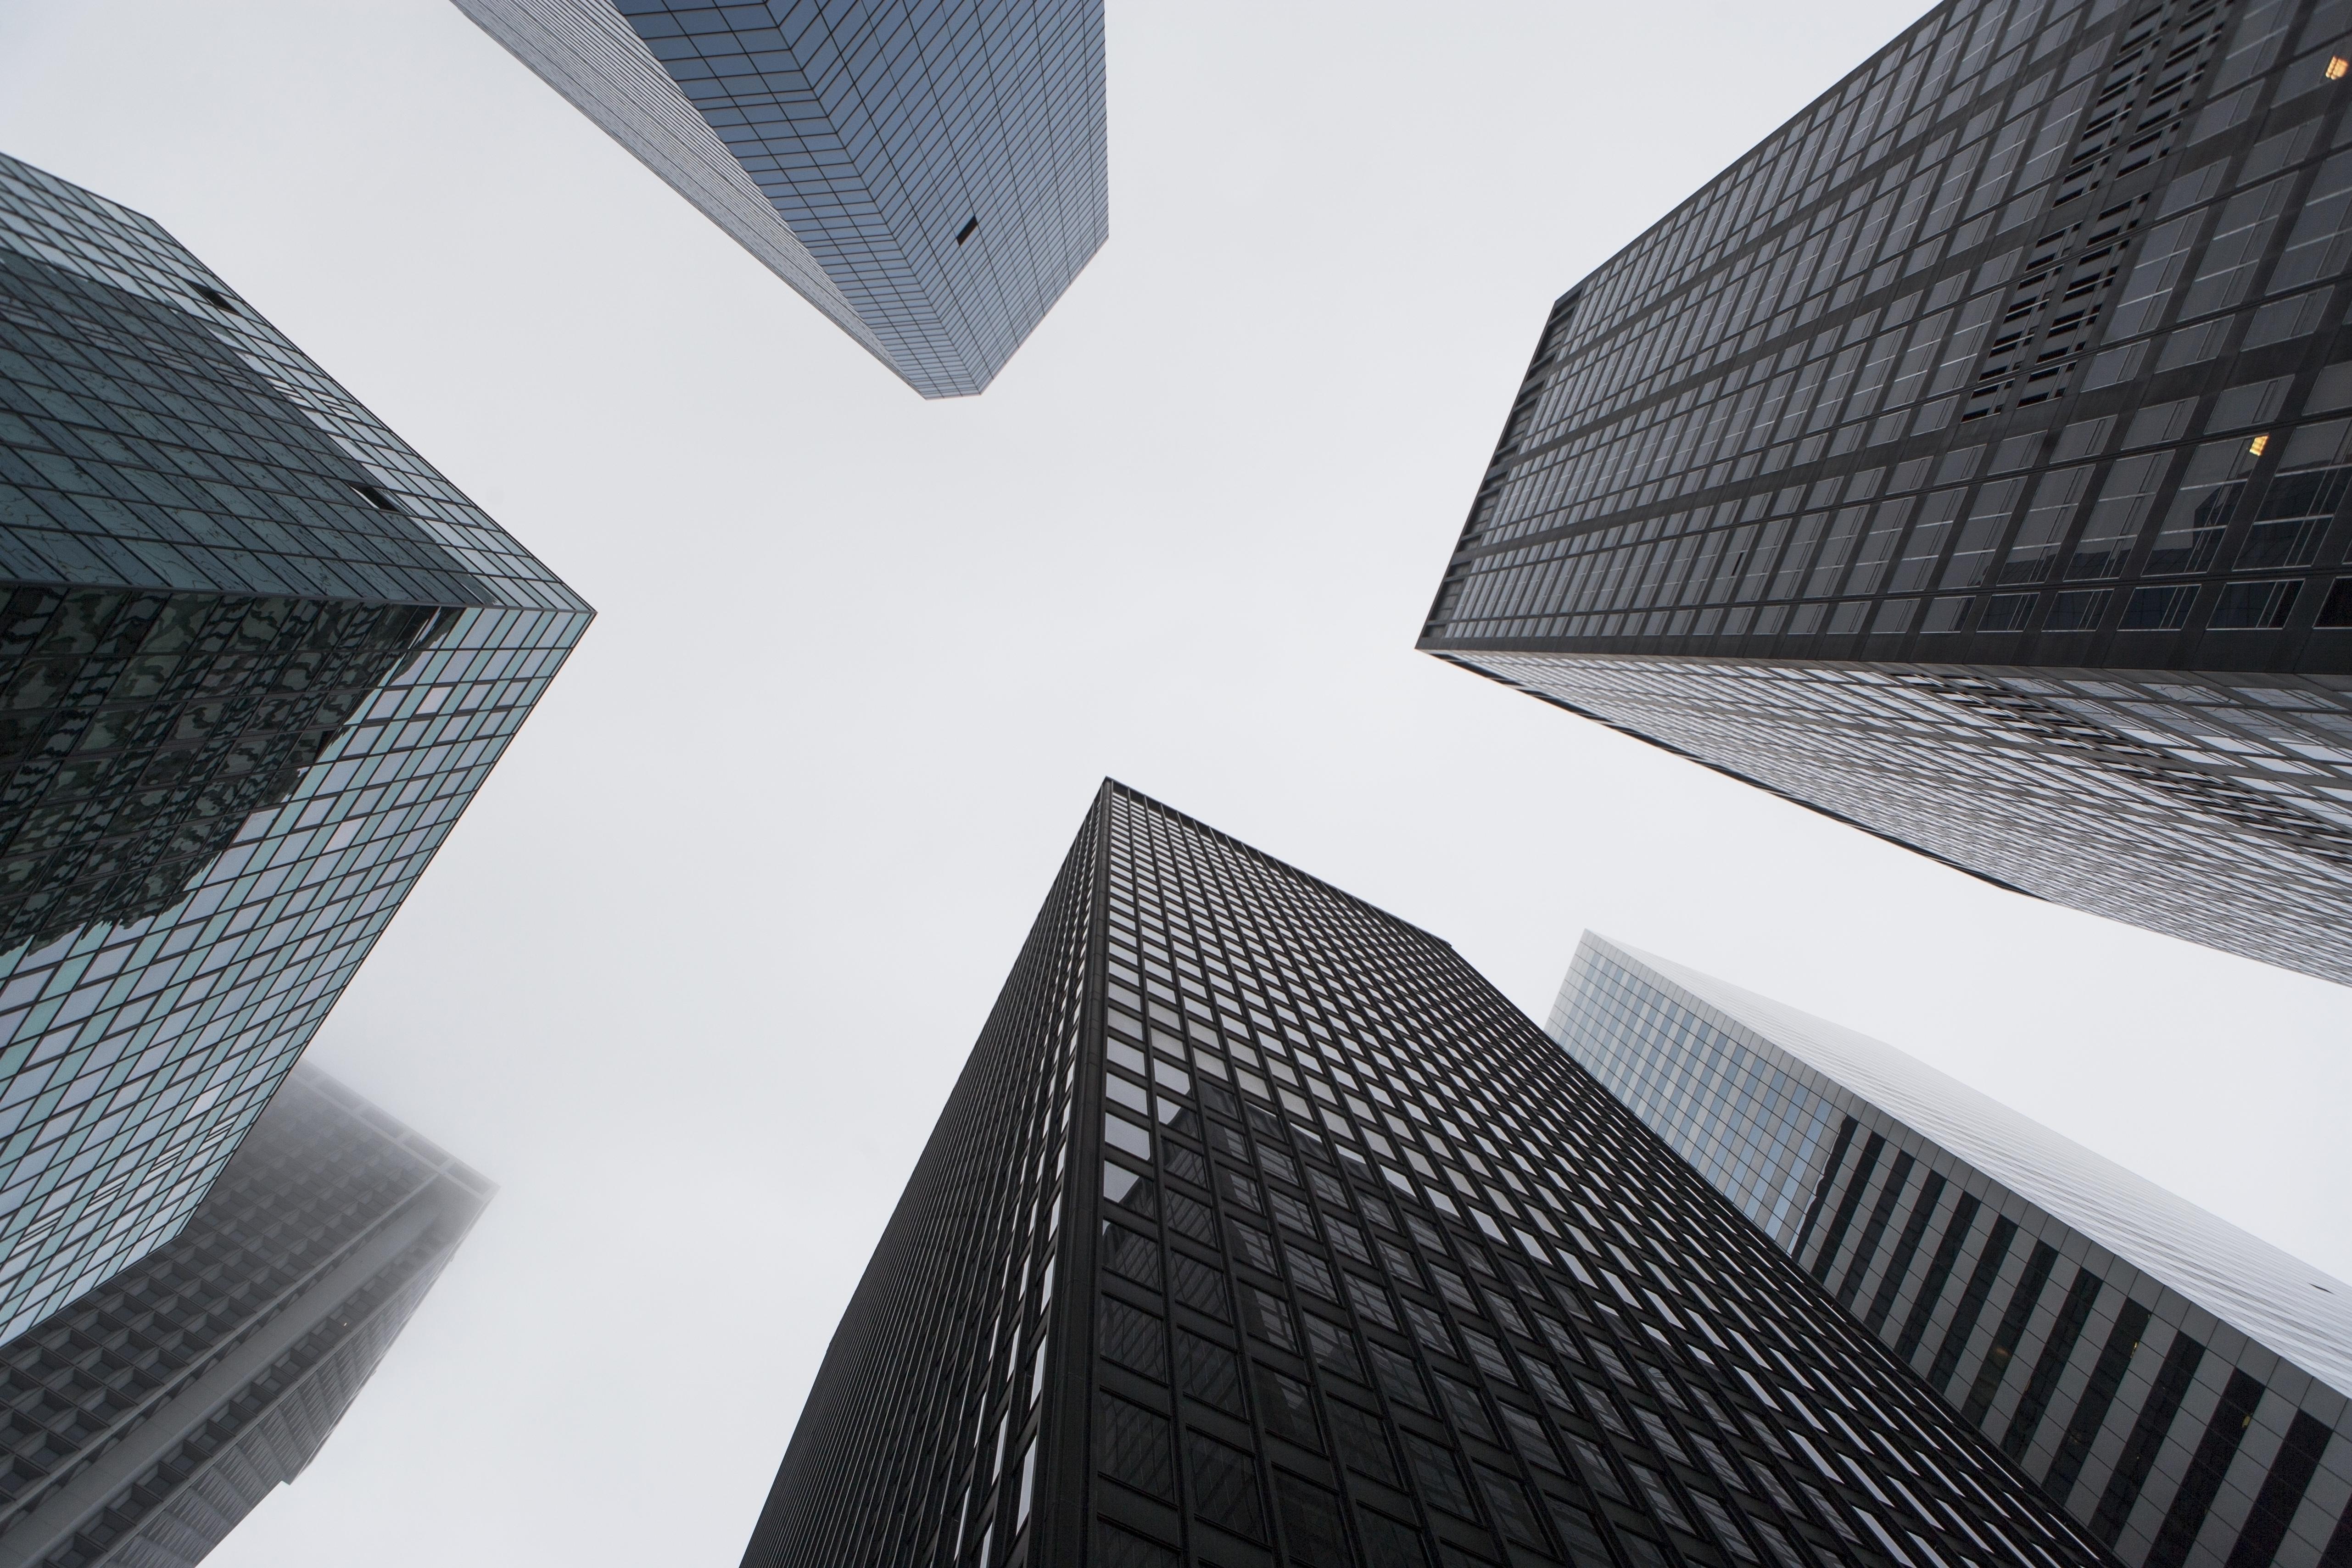 香港恒生指數(HSI50):美股市況強勁,港股走勢停滯不前